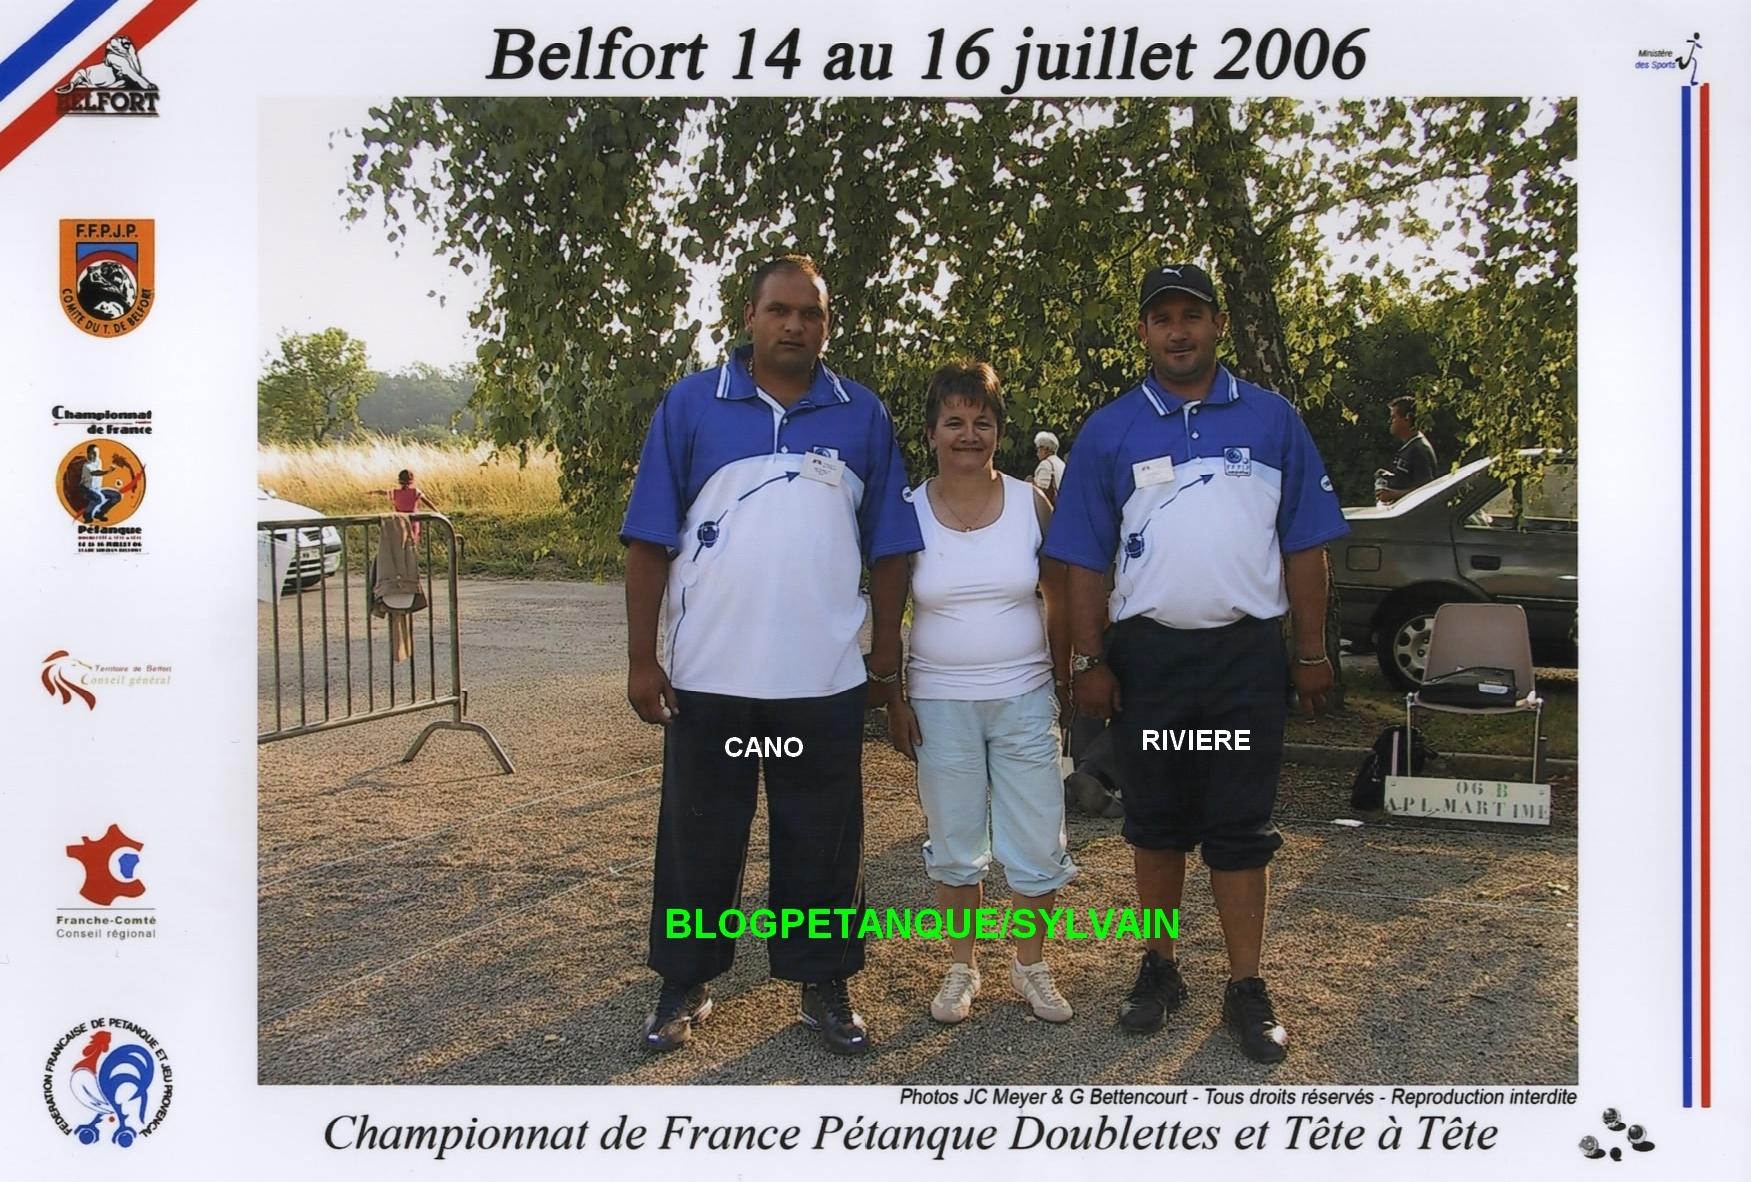 Les vices-champions doublettes du 06